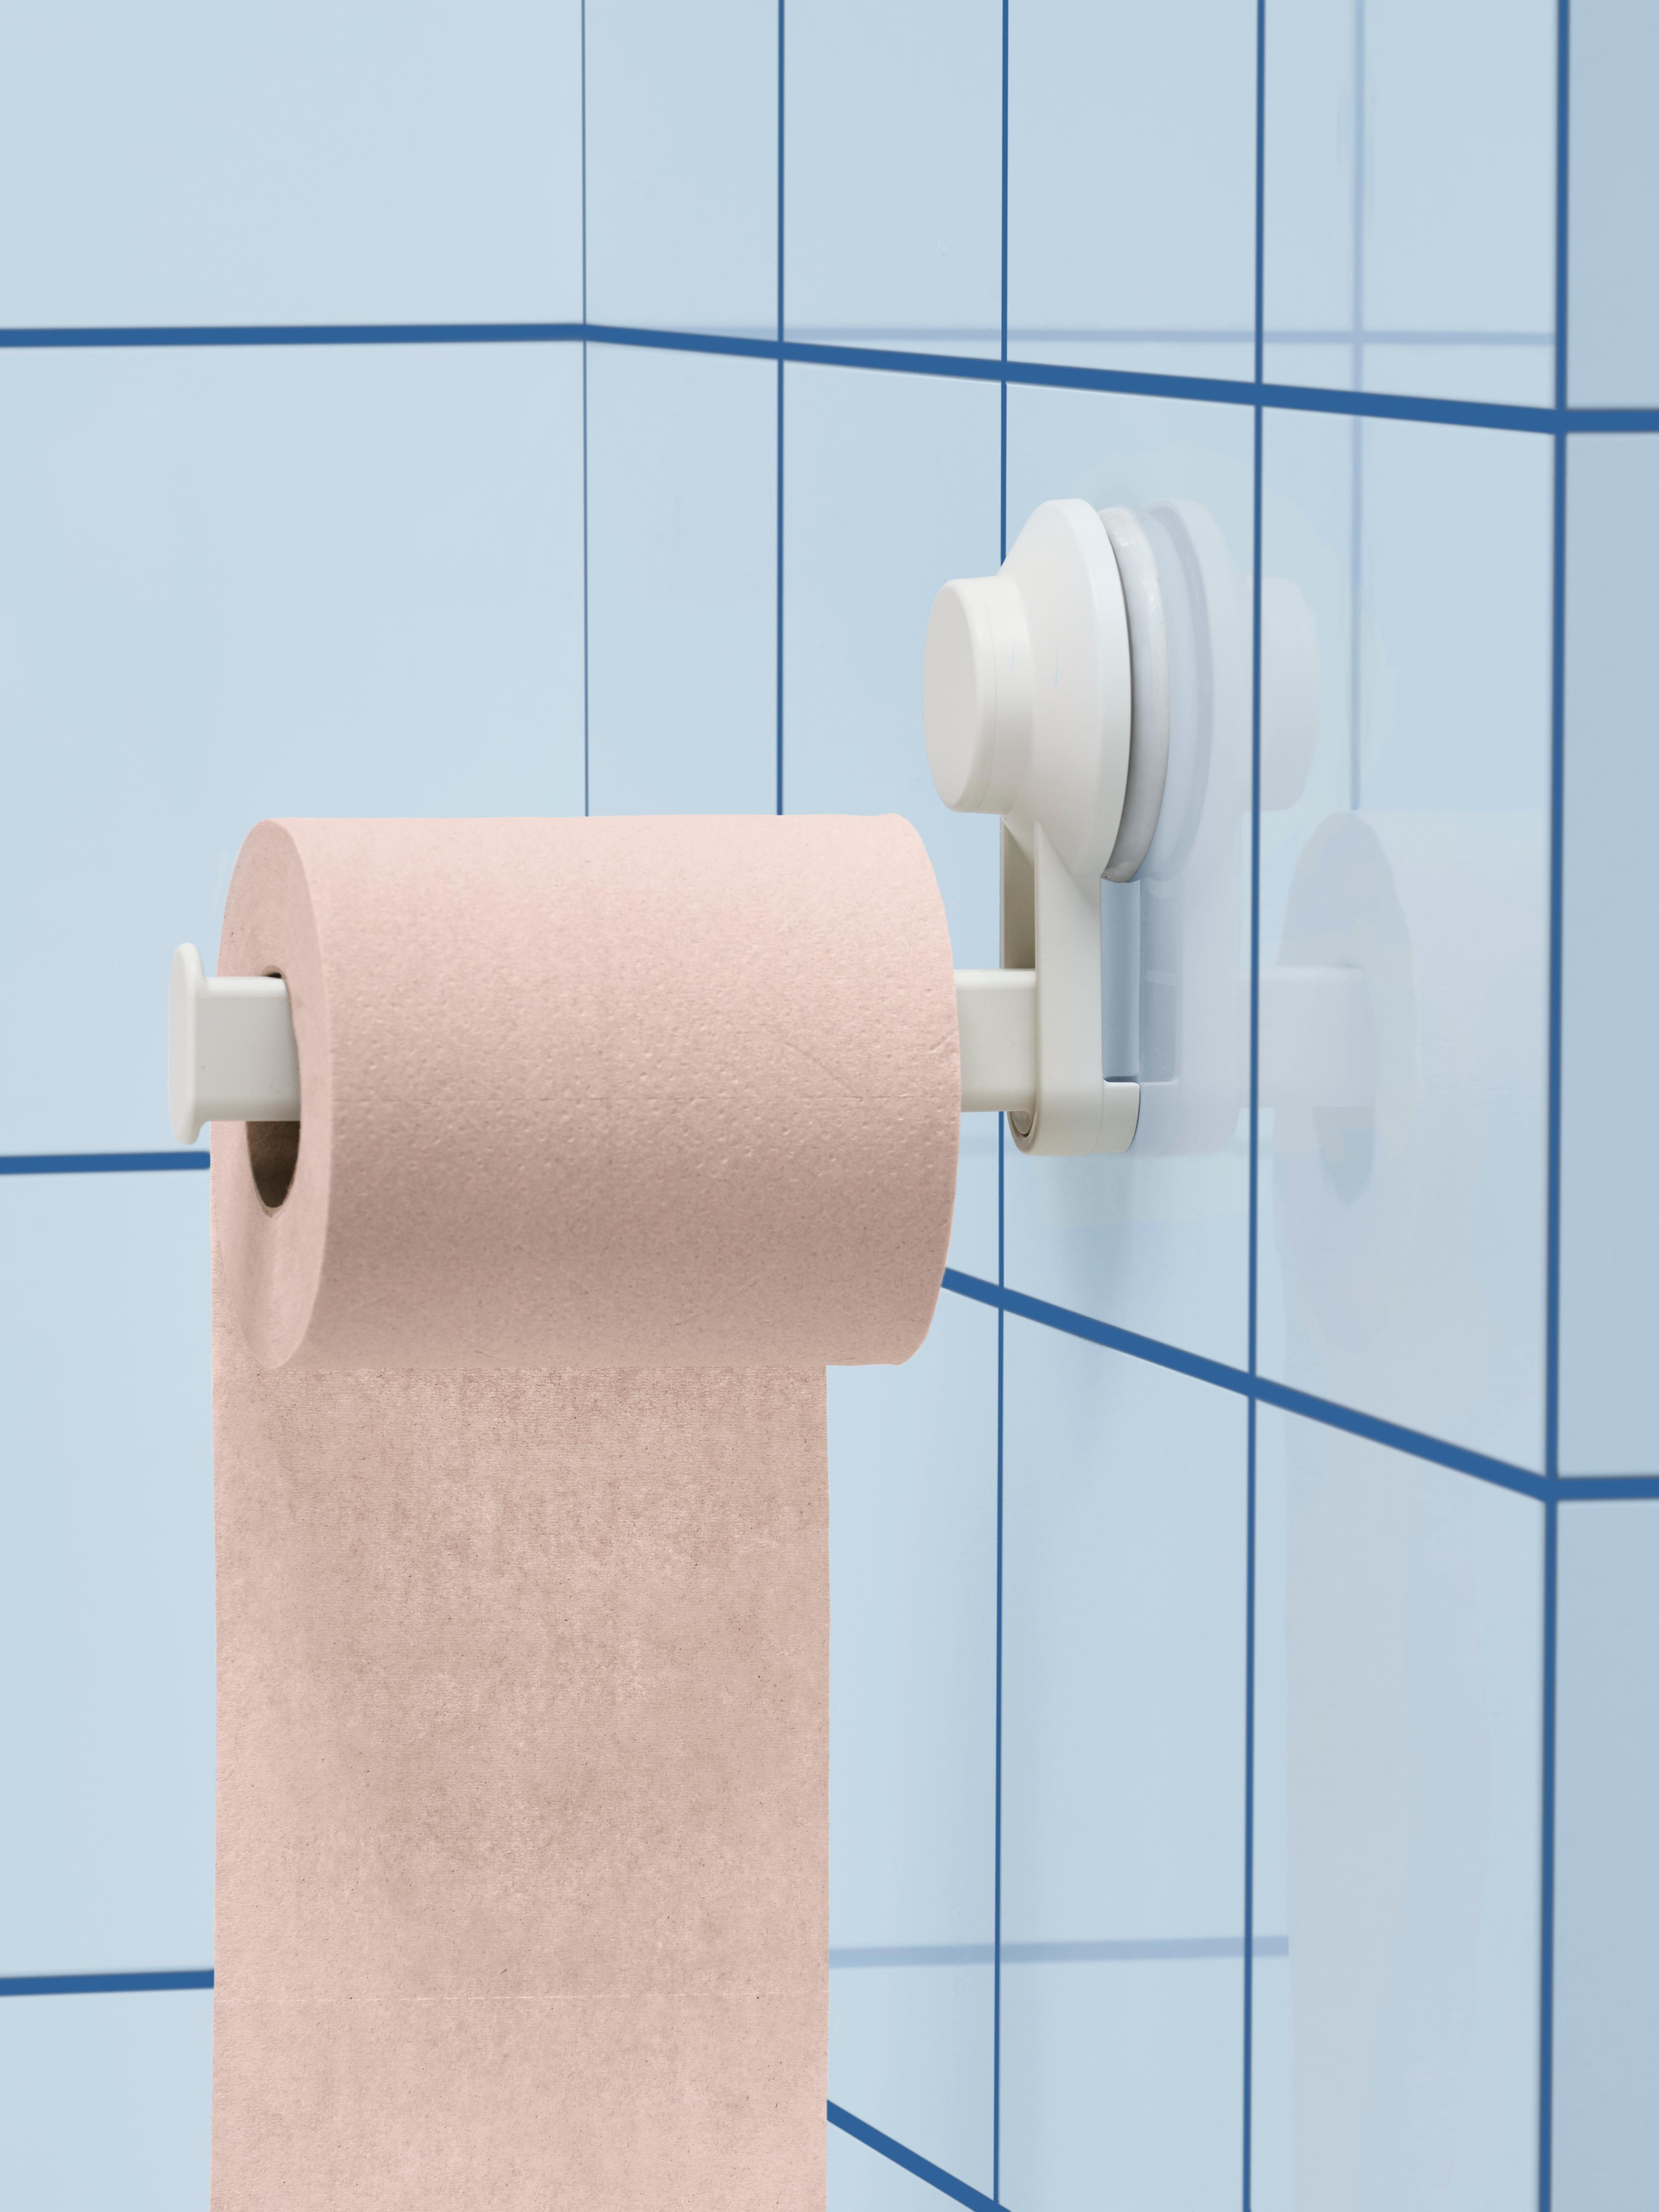 Carta igienica rosa su un portarotolo con ventosa TISKEN in plastica bianca, montato su una parete con piastrelle blu.